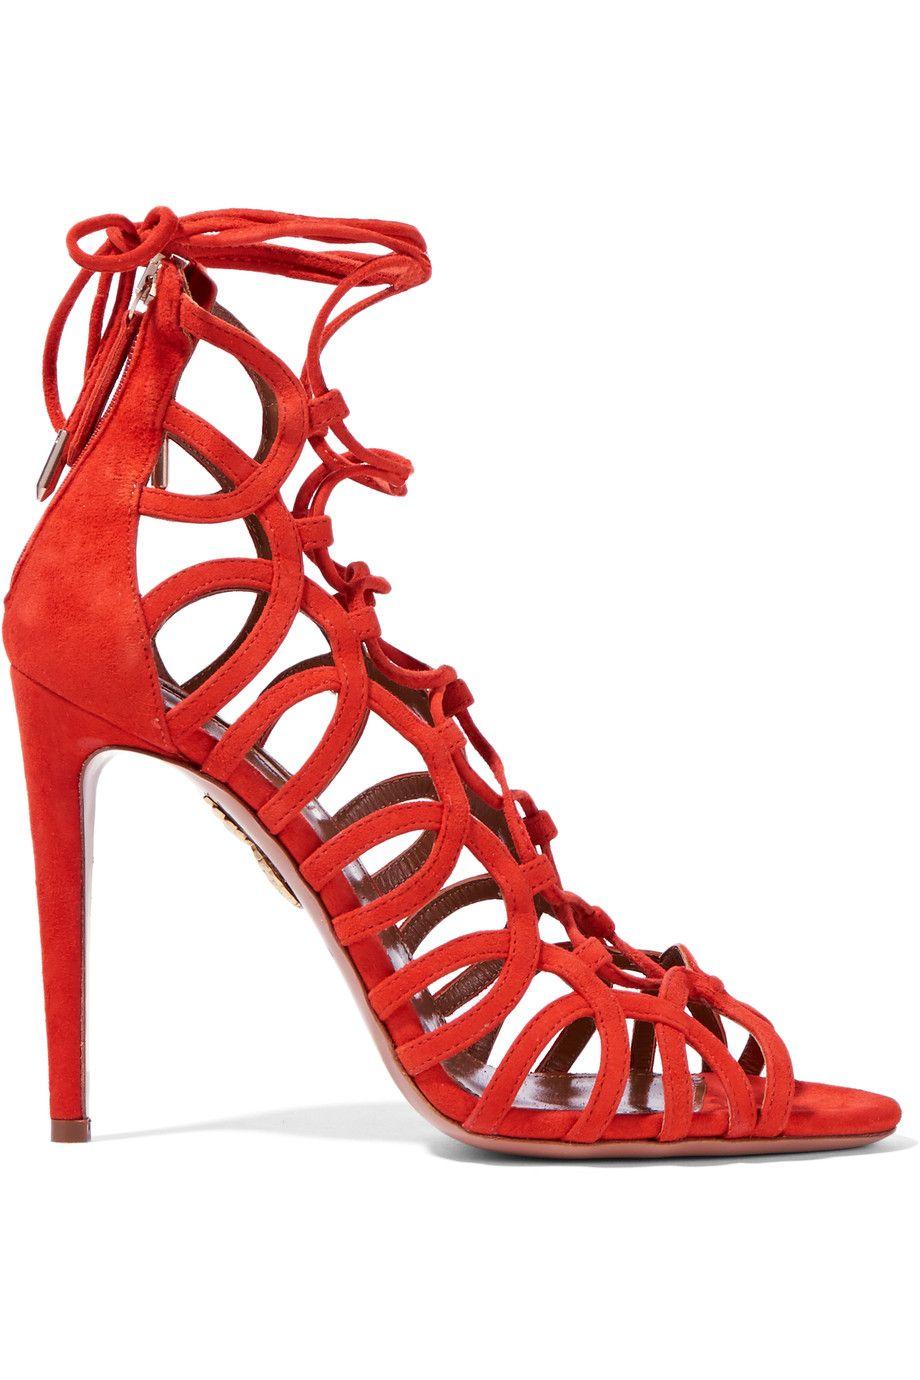 14e632cf5b16f AQUAZZURA .  aquazzura  shoes  sandals